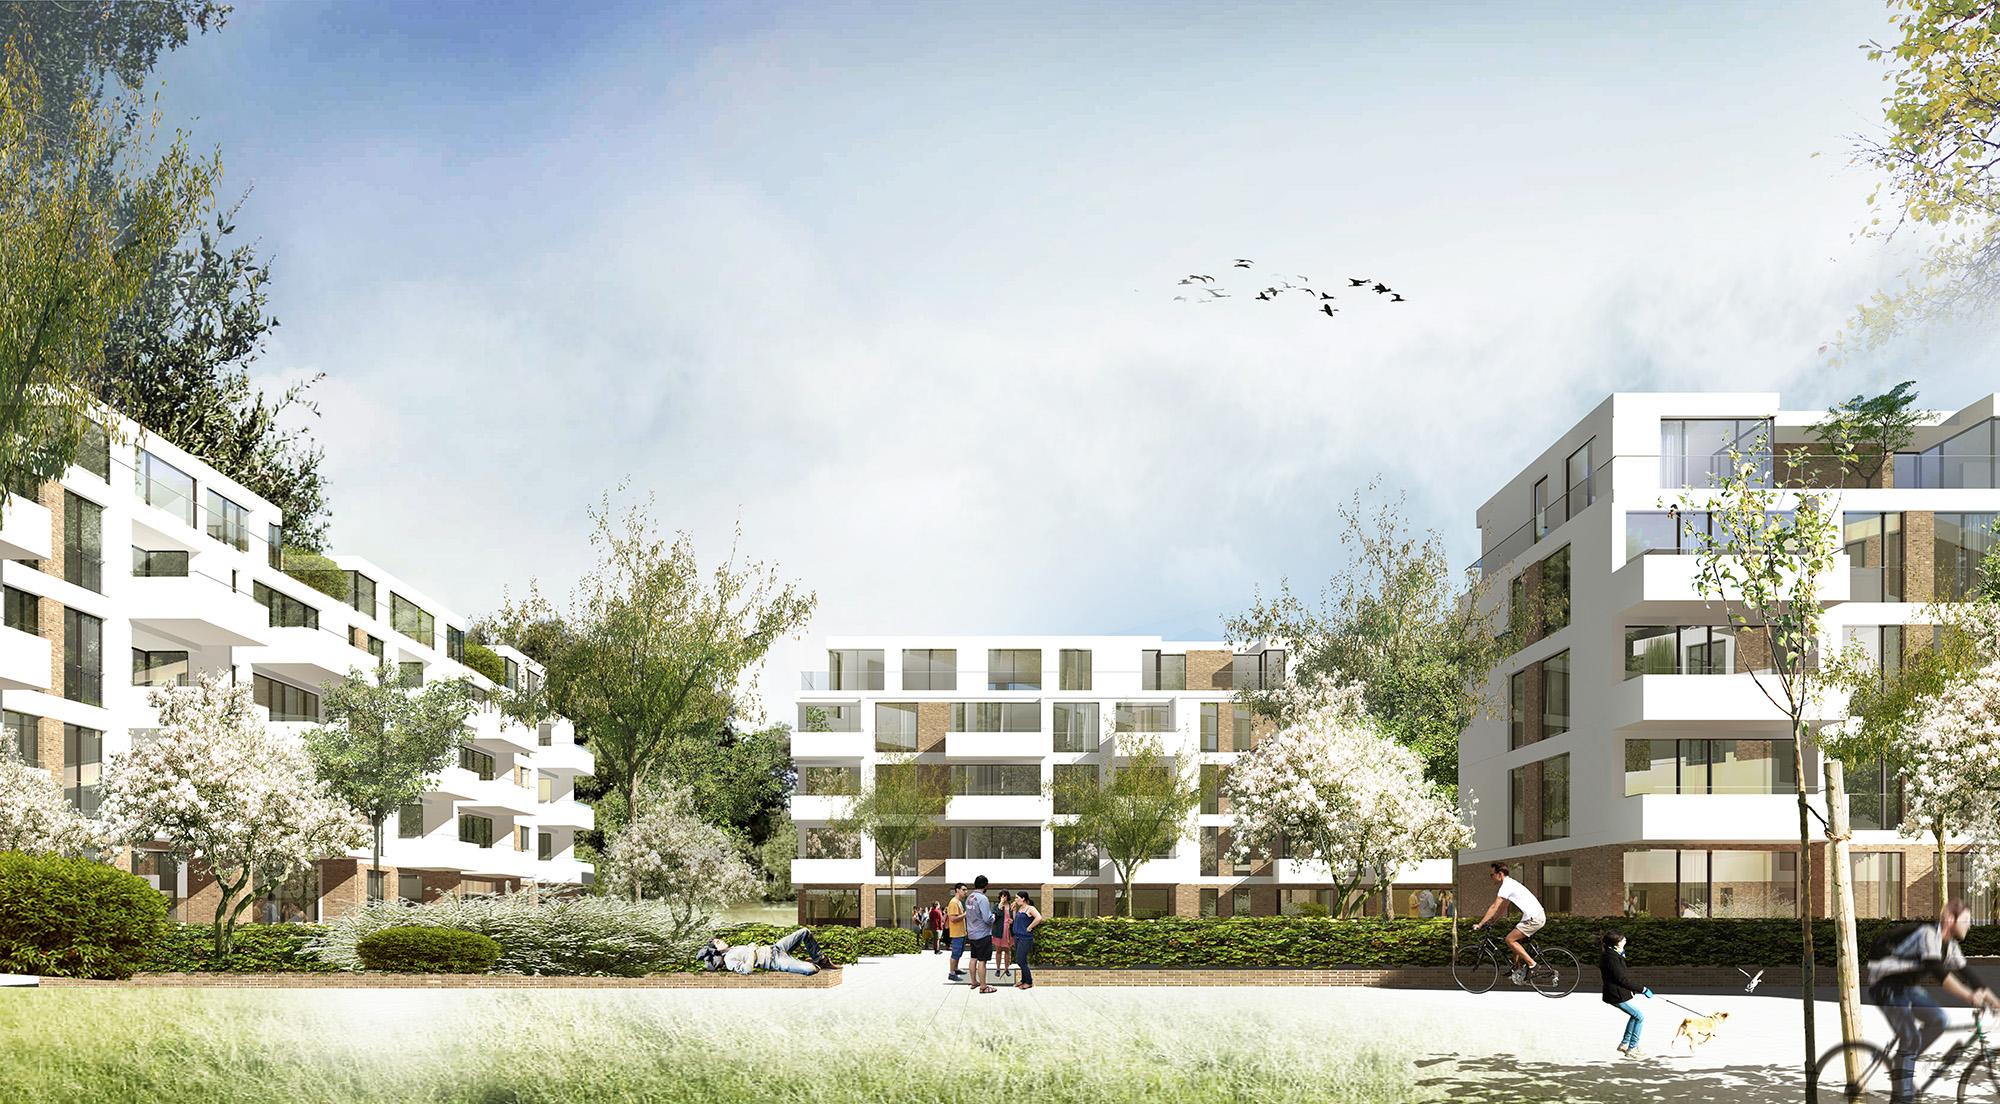 Perspektive Wettbewerb Wohnungsbau Baufeld 2.2 in der Lincoln Siedlung in Darmstadt von Bitsch+Bienstein Architekten